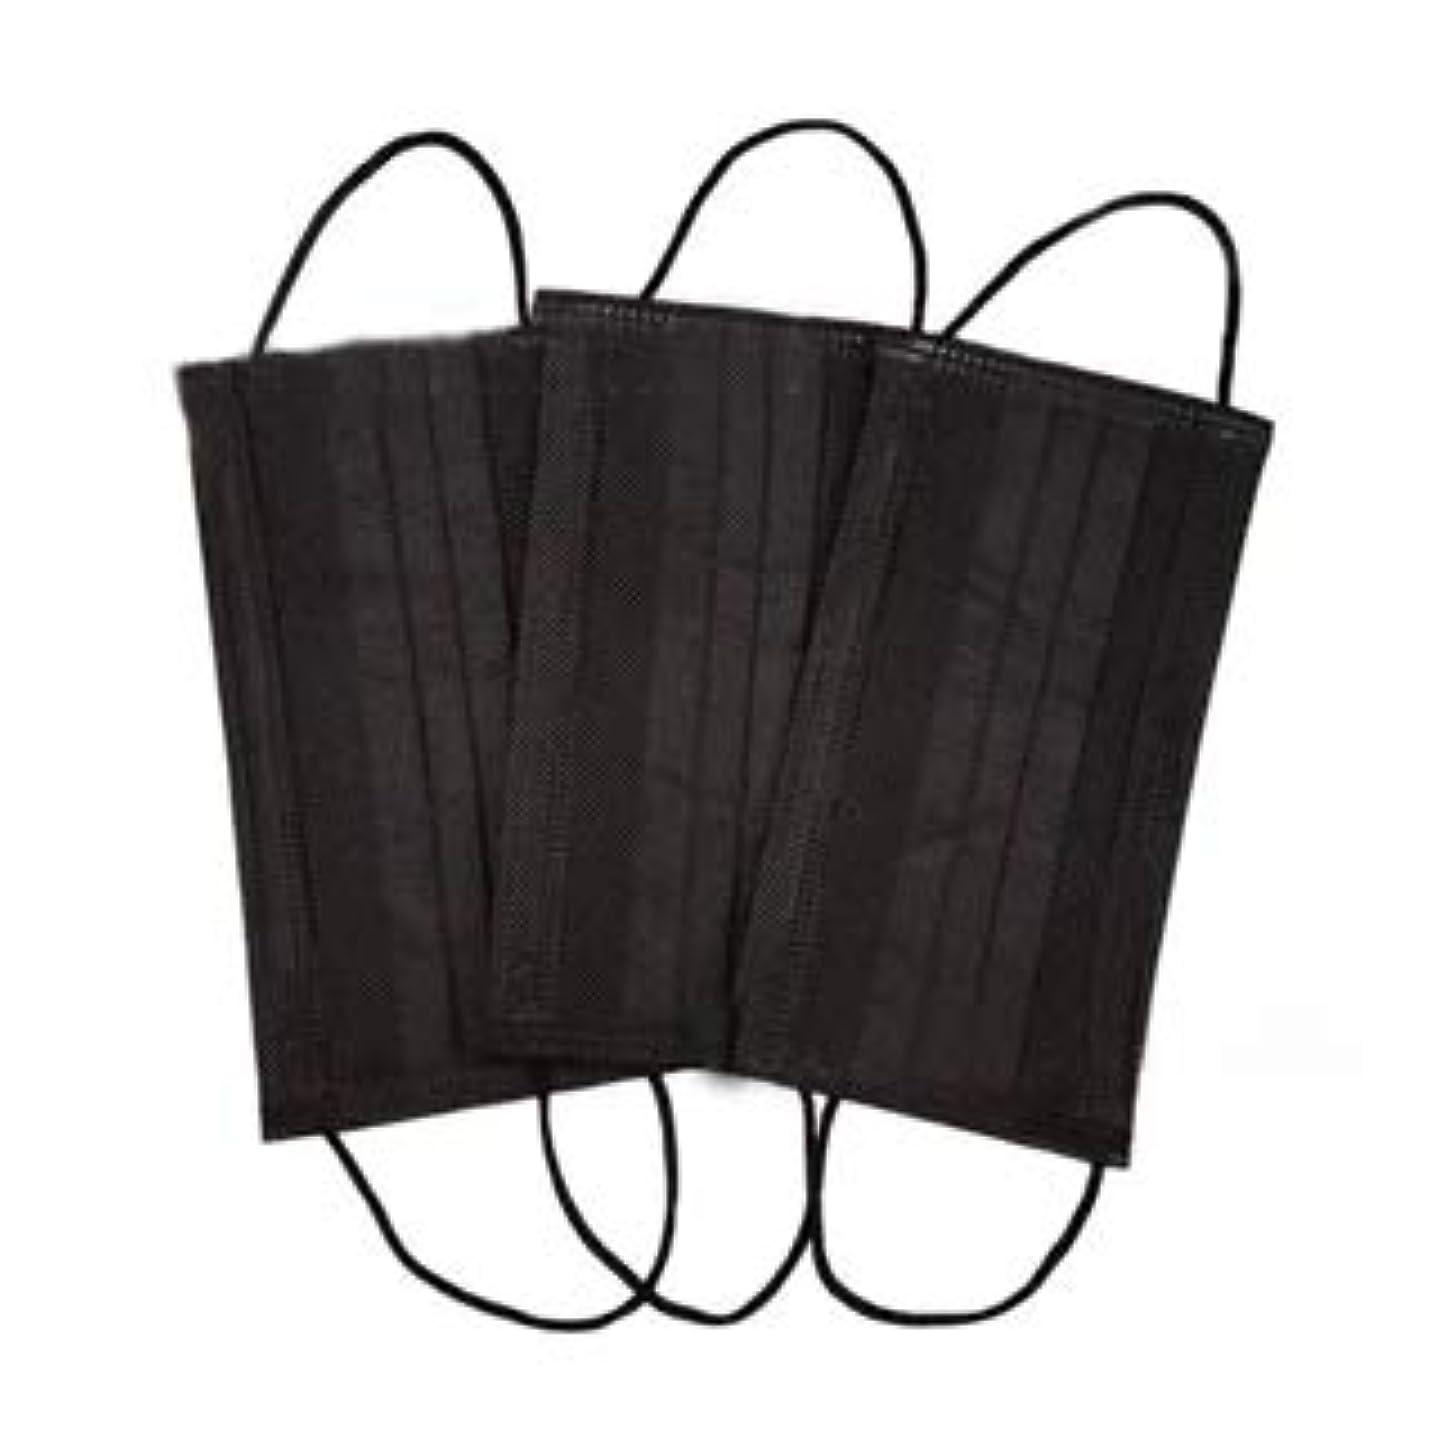 生理比べる黒板使い捨てマスク ブラック 6枚入り 不織布 フェイスマスク mask 黒